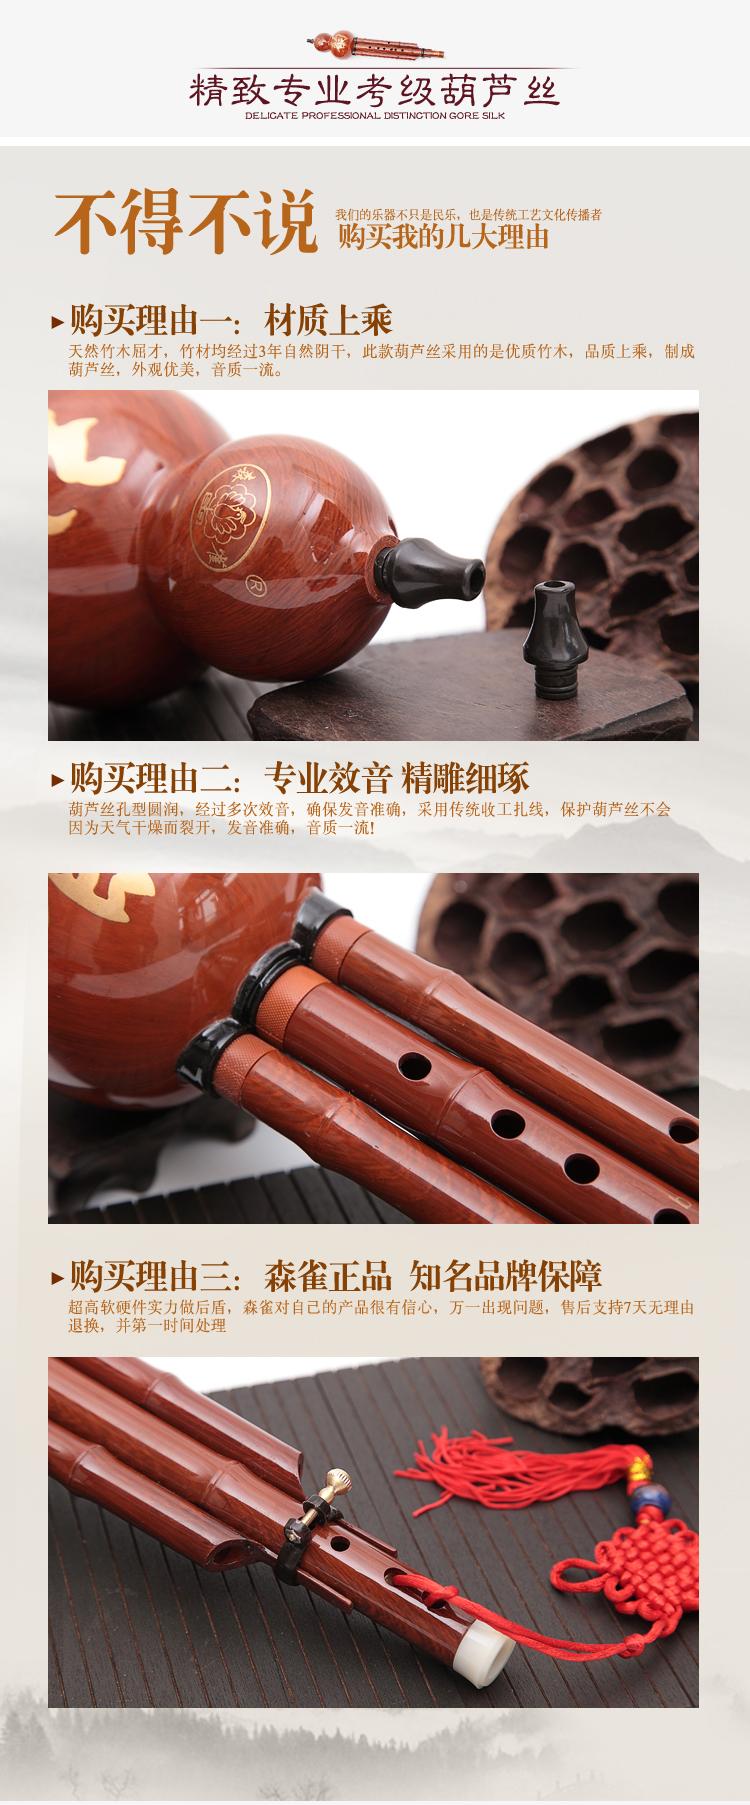 葫芦雕刻矢量图片